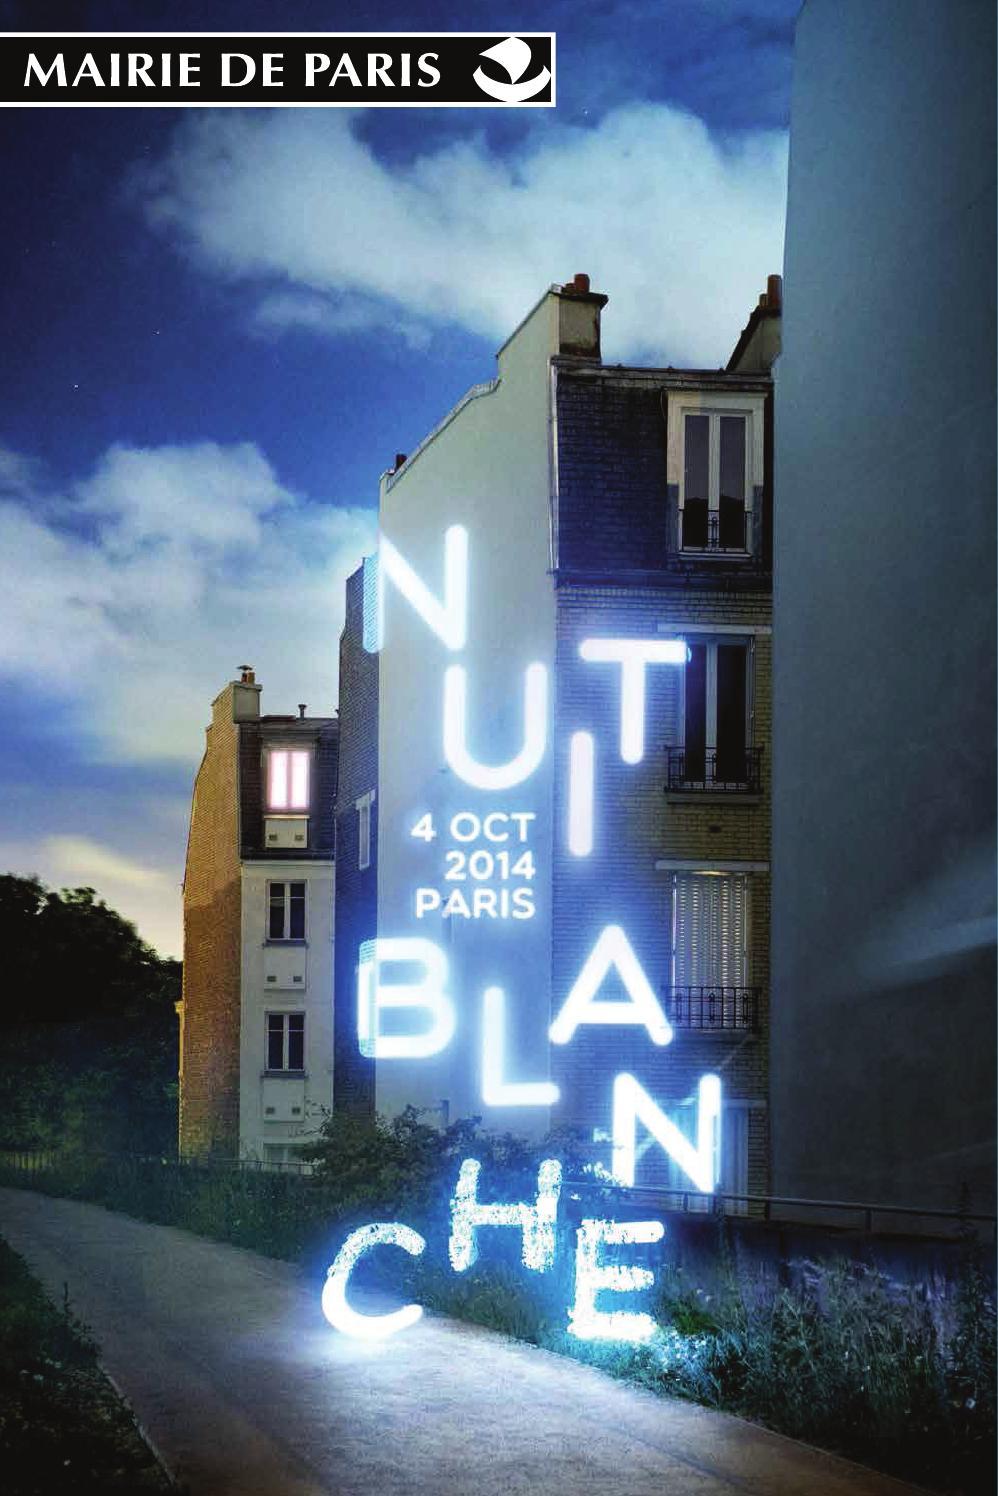 Nuit Blanche 2014 dossier de presse by Jason Whittaker - issuu d1ec059e0c4